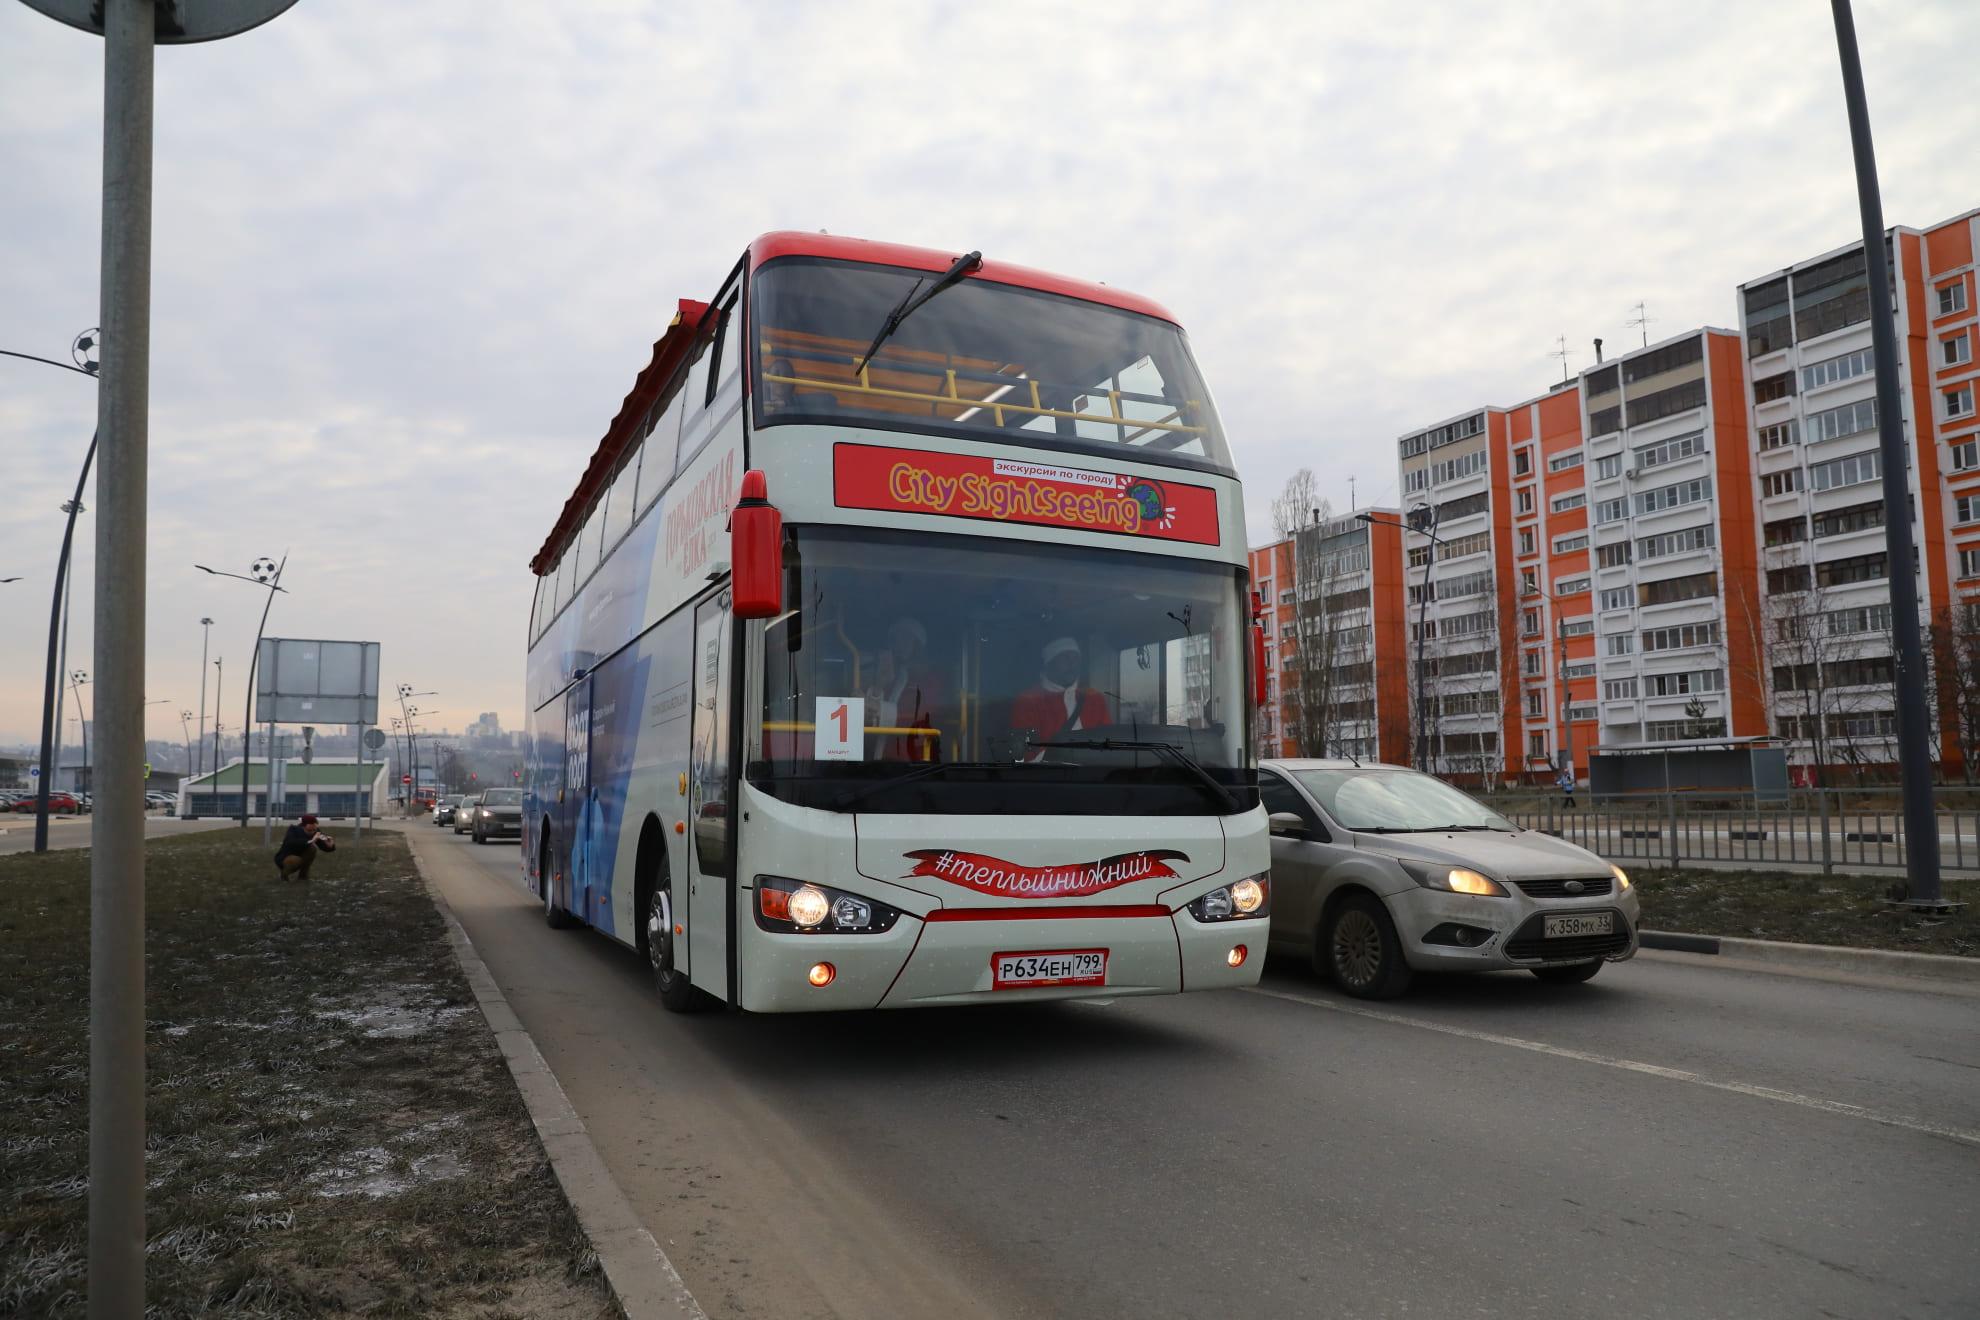 Первые нижегородцы прокатились на двухъярусном туристическом автобусе по городу - фото 1